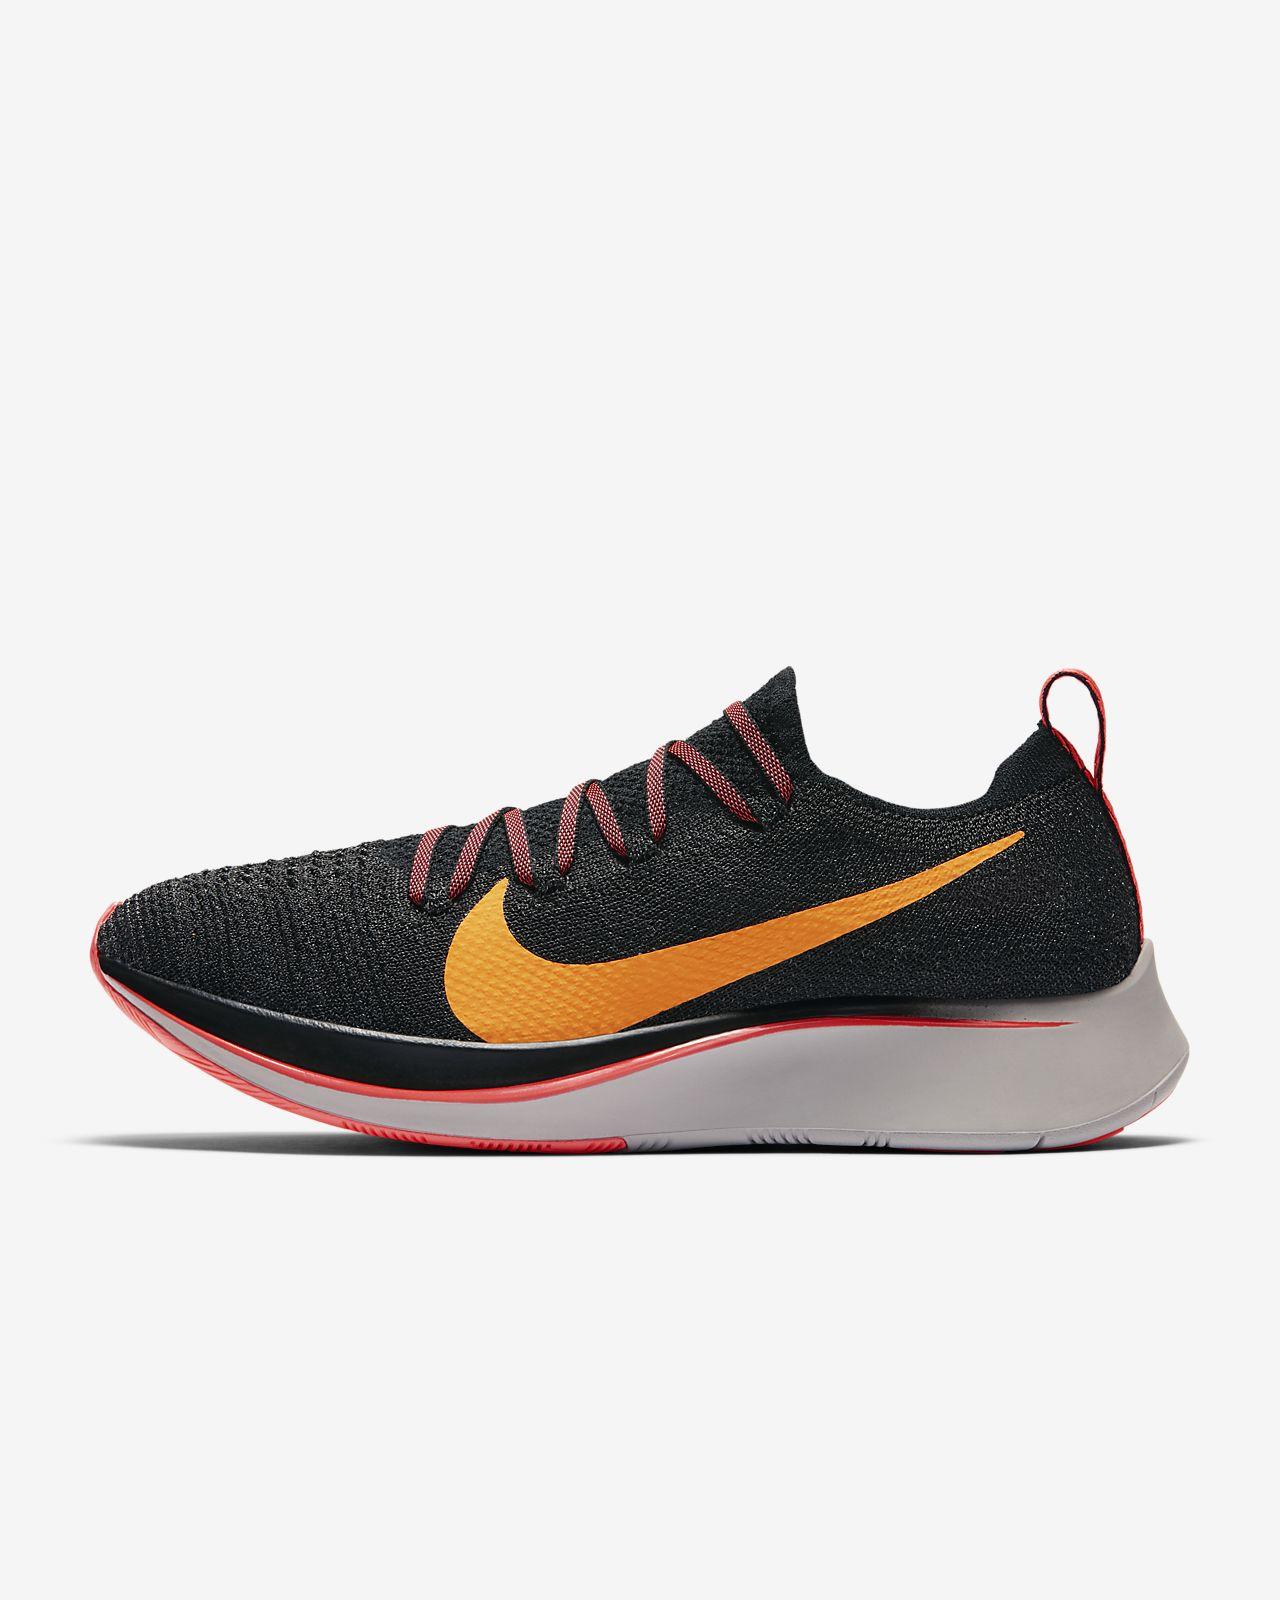 Löparsko Nike Zoom Fly Flyknit för kvinnor